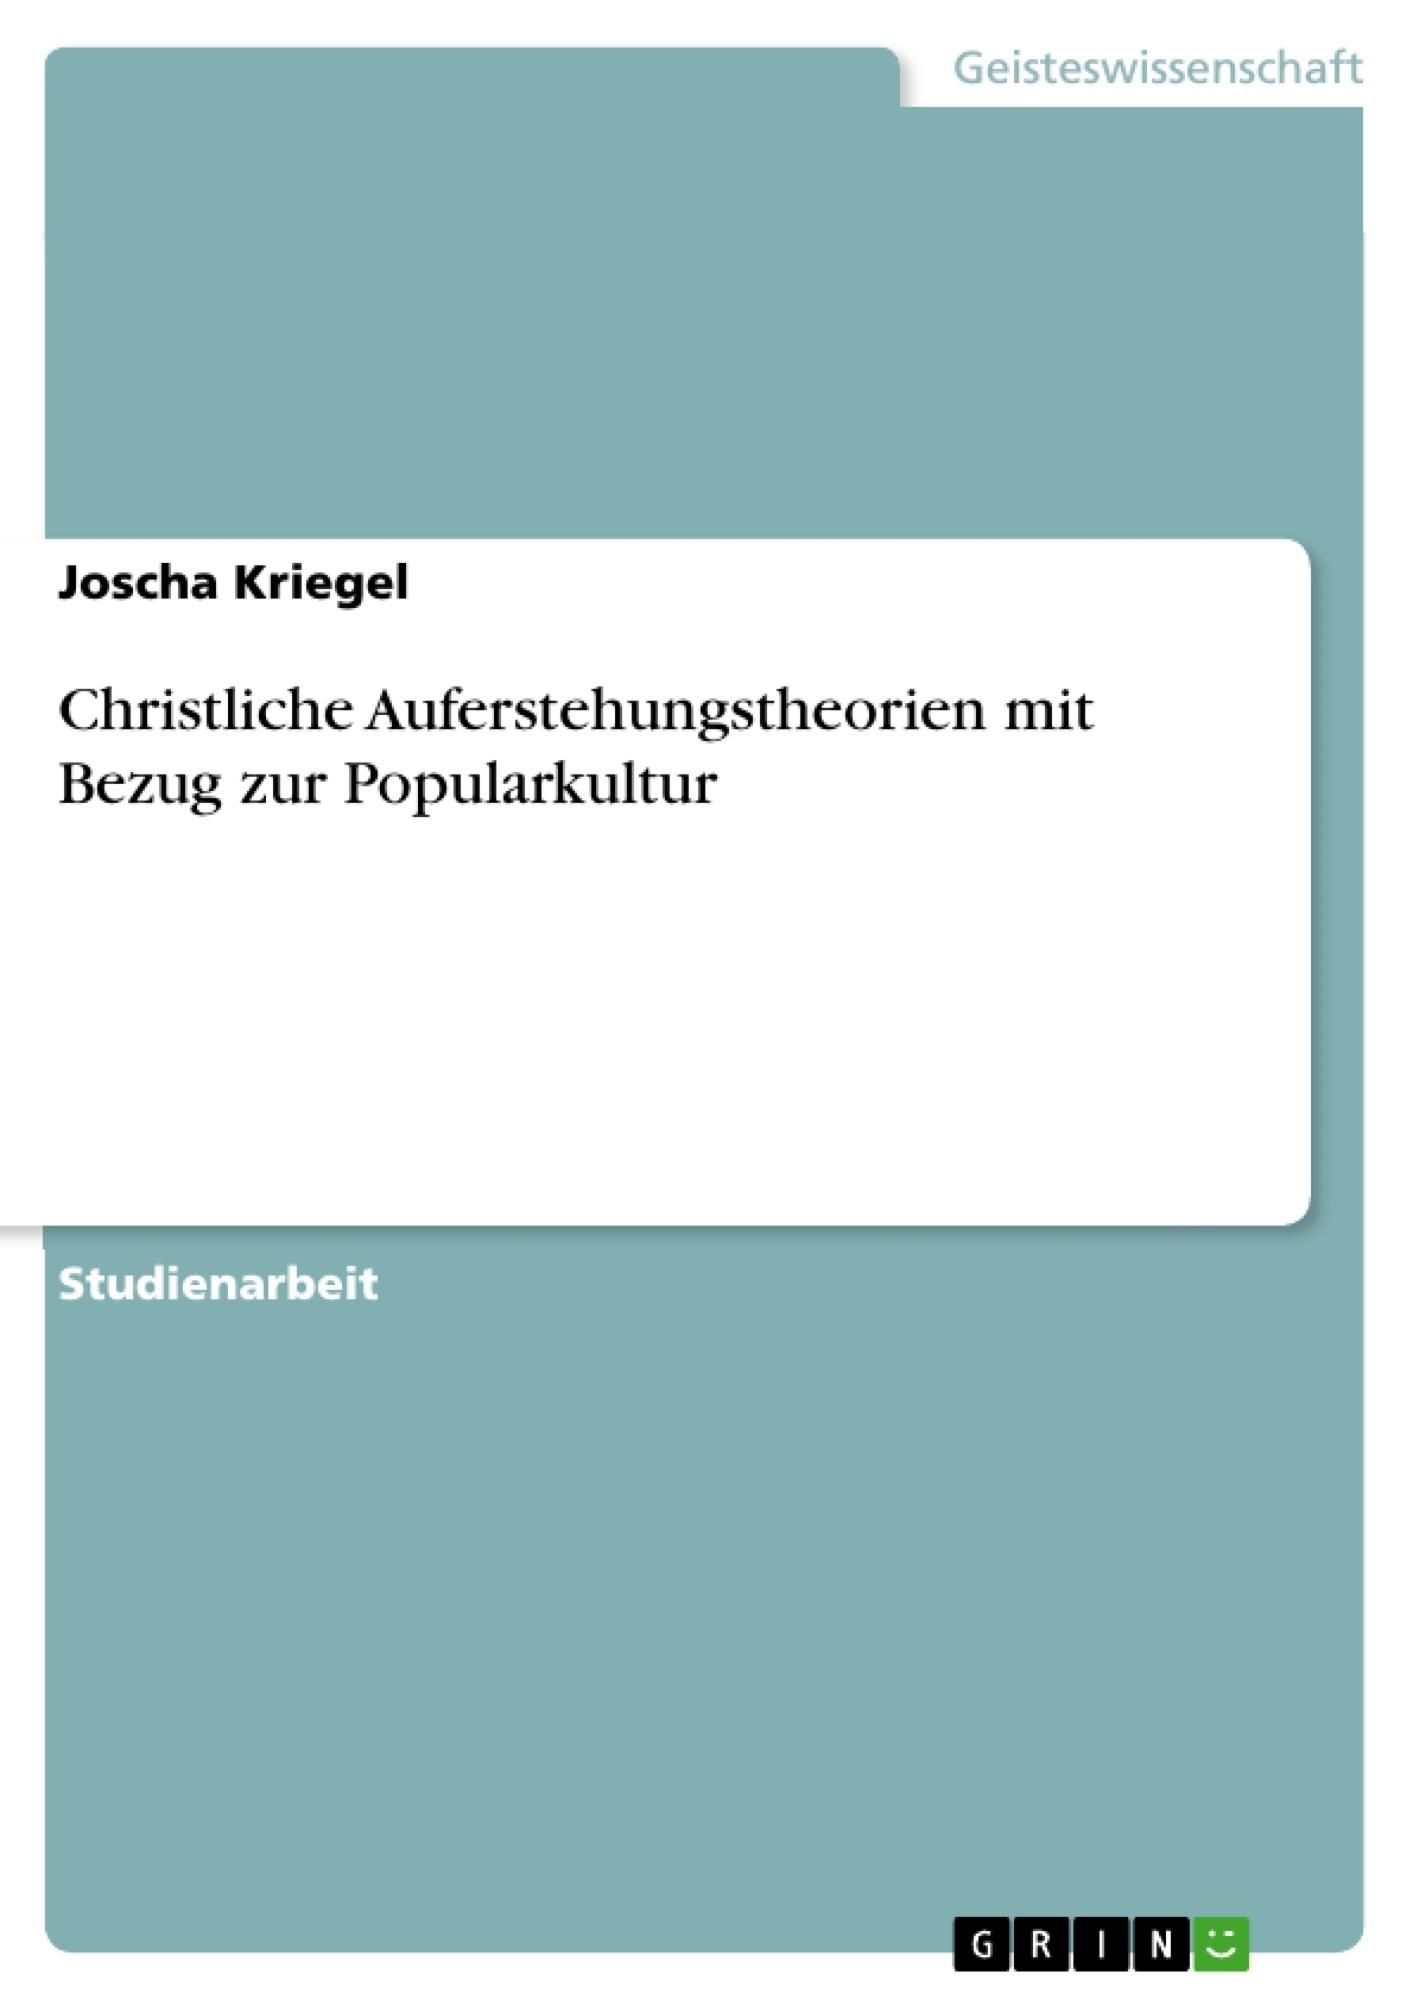 Titel: Christliche Auferstehungstheorien mit Bezug zur Popularkultur